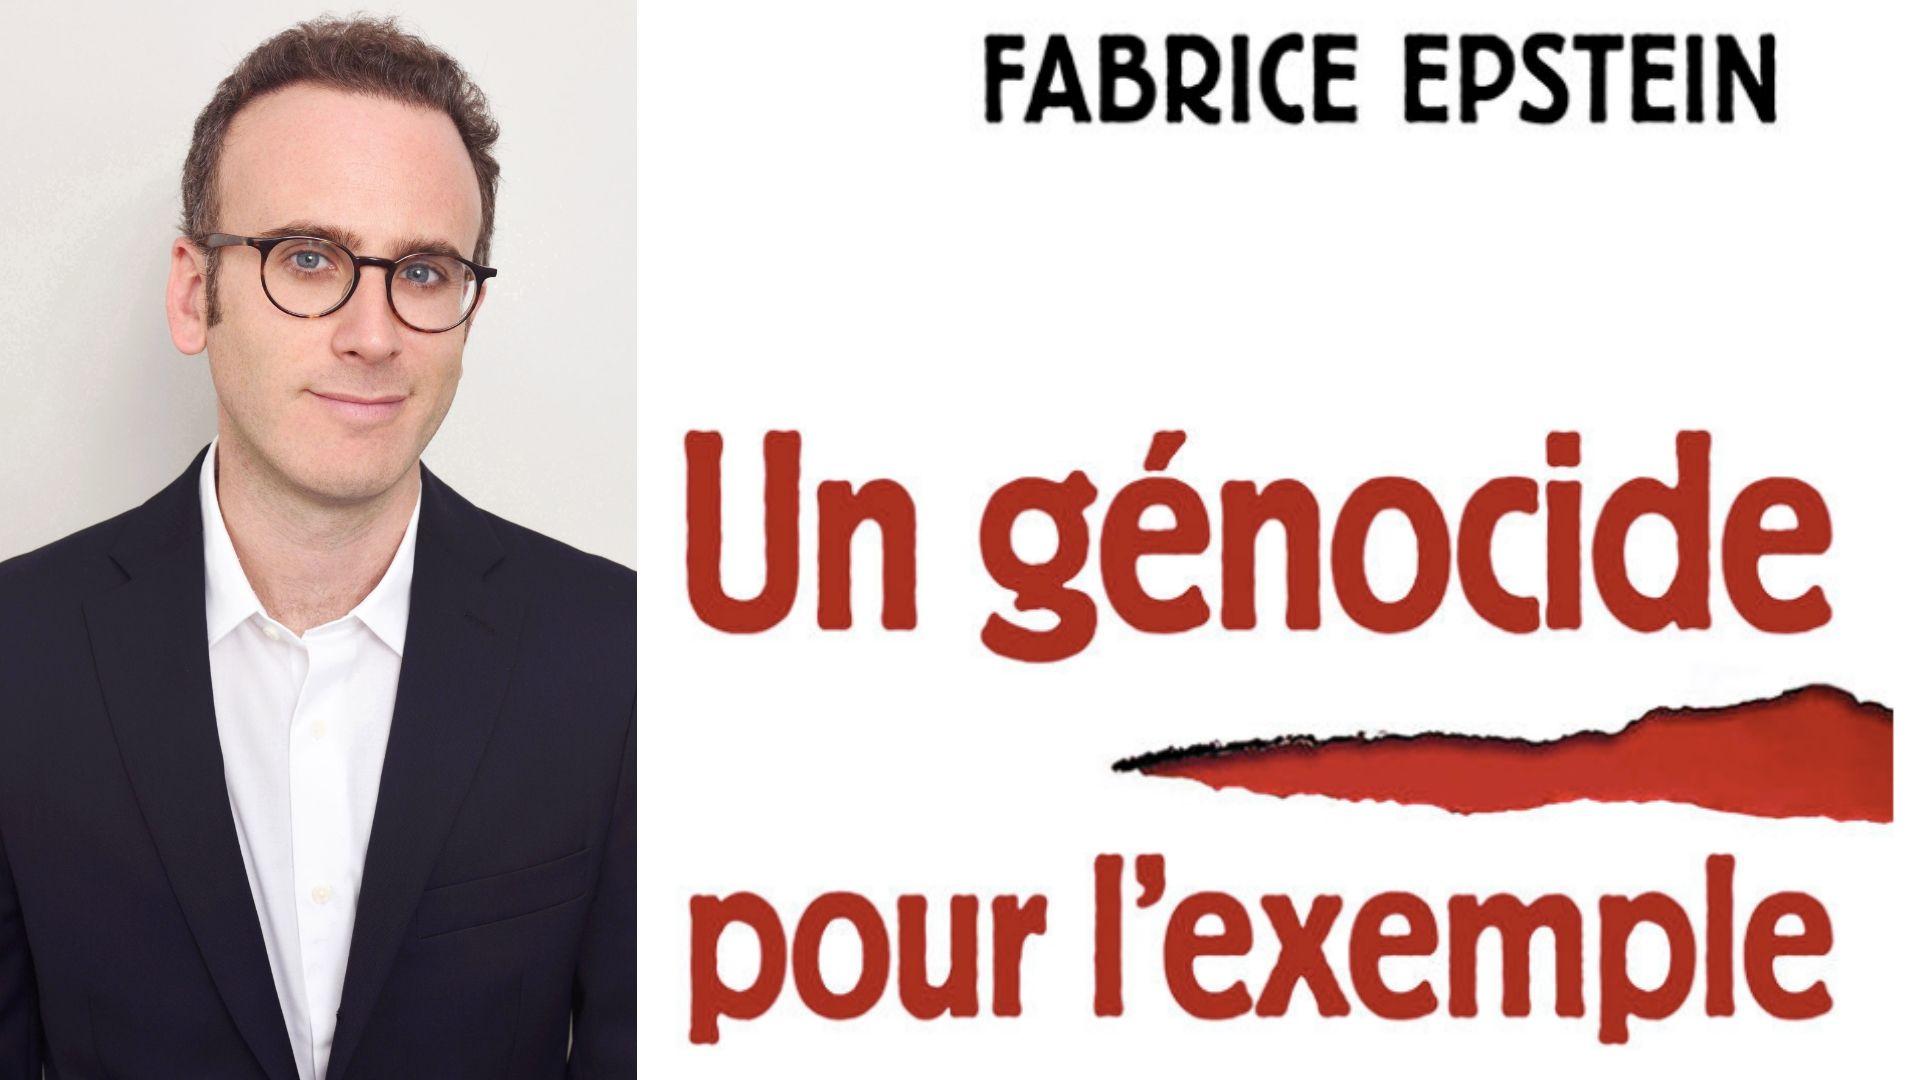 « Un génocide pour exemple » - une conversation avec Fabrice Epstein, l'auteur du livre